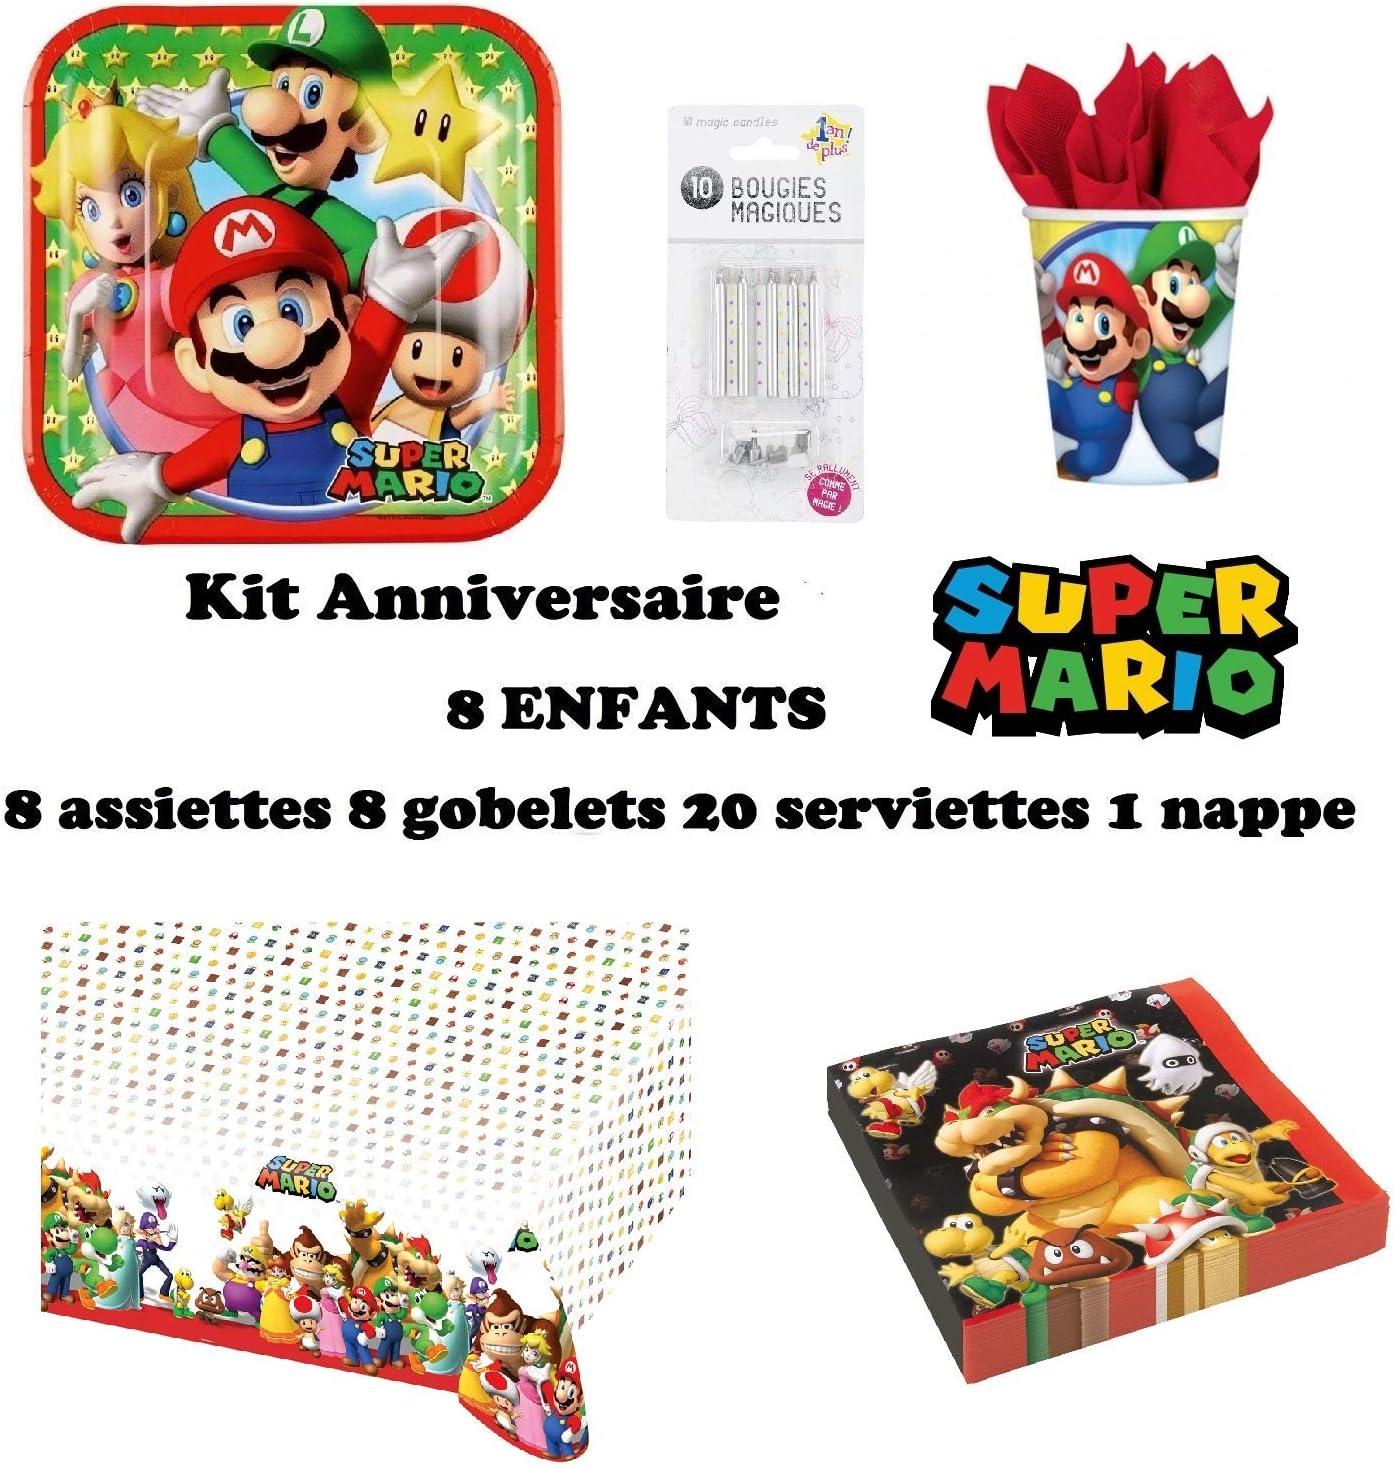 Set de Cumpleaños Completa Super Mario 8 niños (8 Platos, 8 Tazas, 20 servilletas,1 Mantel + 10 Velas mágicas ofrecidas) Fiesta Mesa de decoración: Amazon.es: Juguetes y juegos